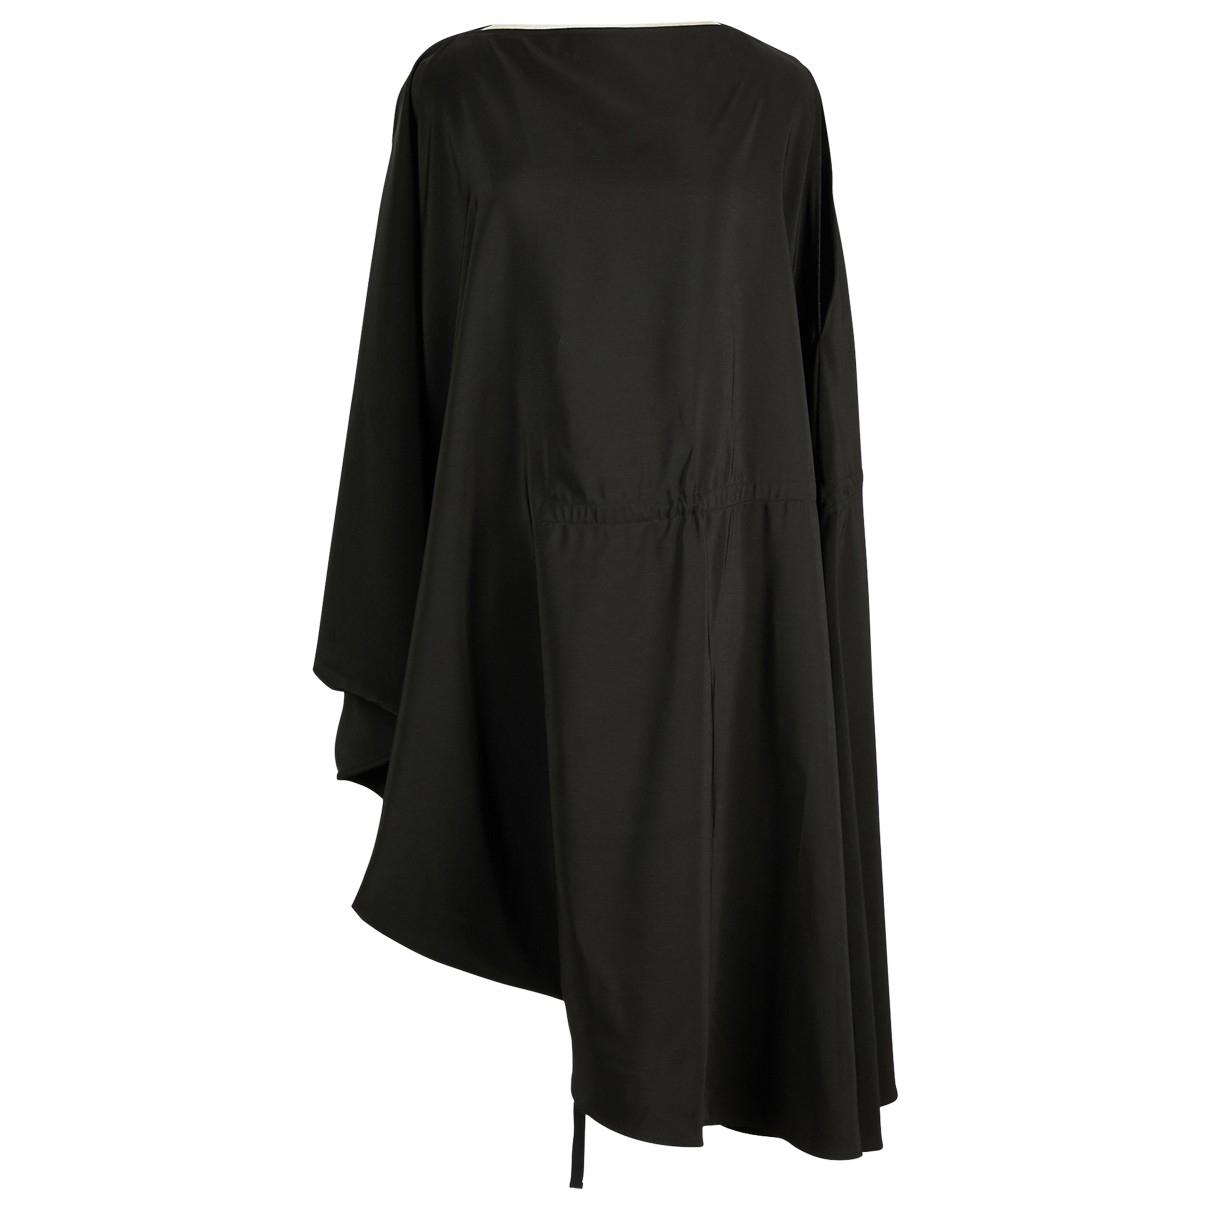 Maison Martin Margiela \N Kleid in  Schwarz Polyester